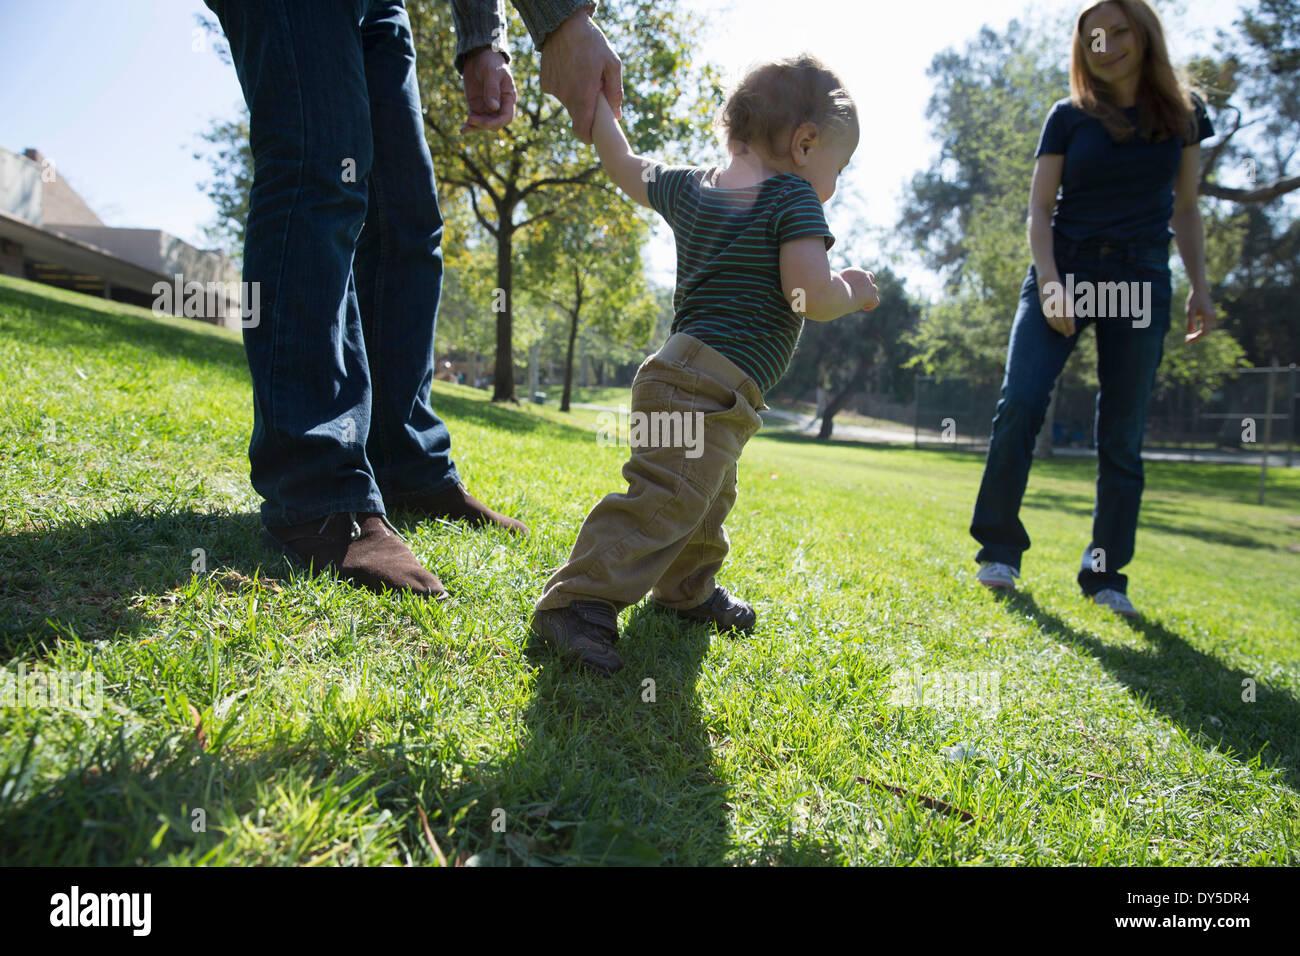 Bambino ad imparare a camminare sull'erba Immagini Stock